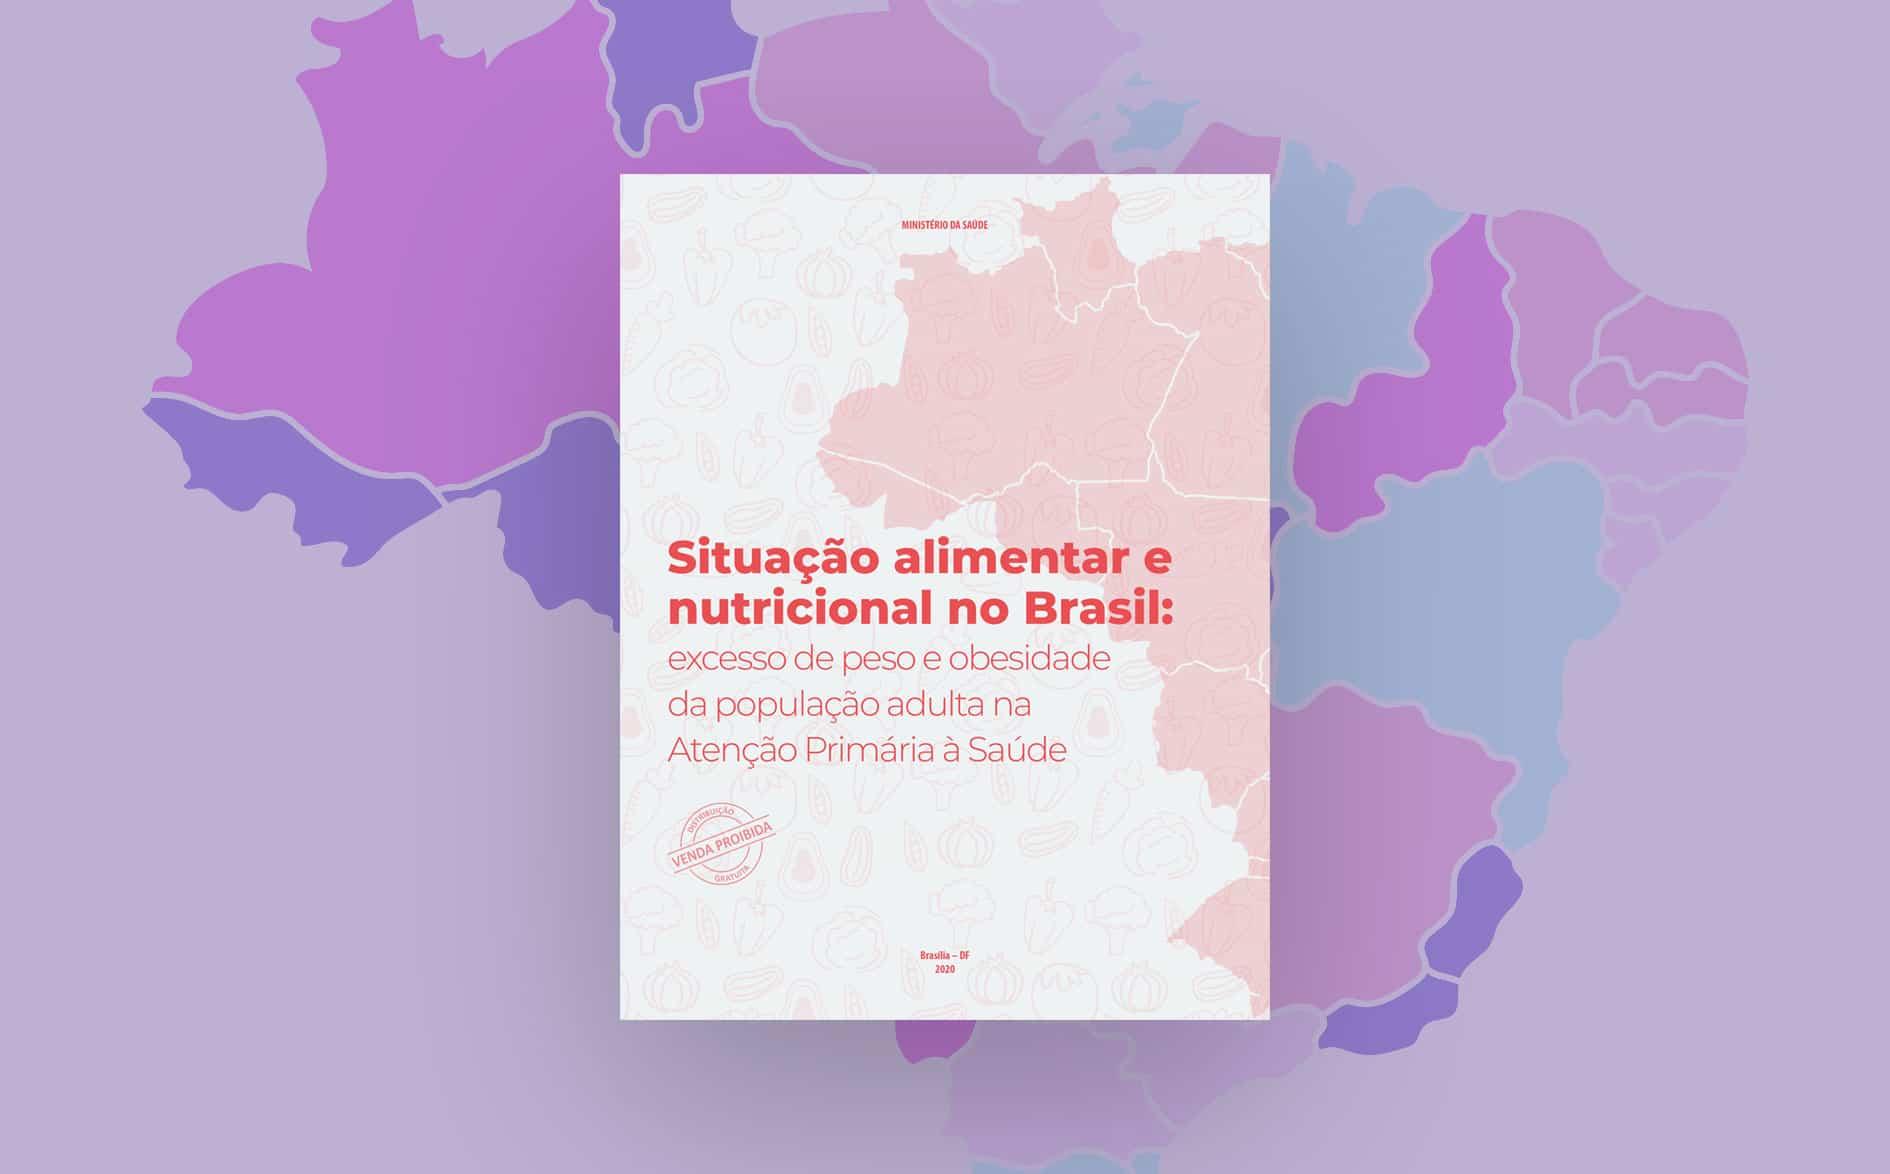 SITUAÇÃO ALIMENTAR E NUTRICIONAL DO BRASILEIRO